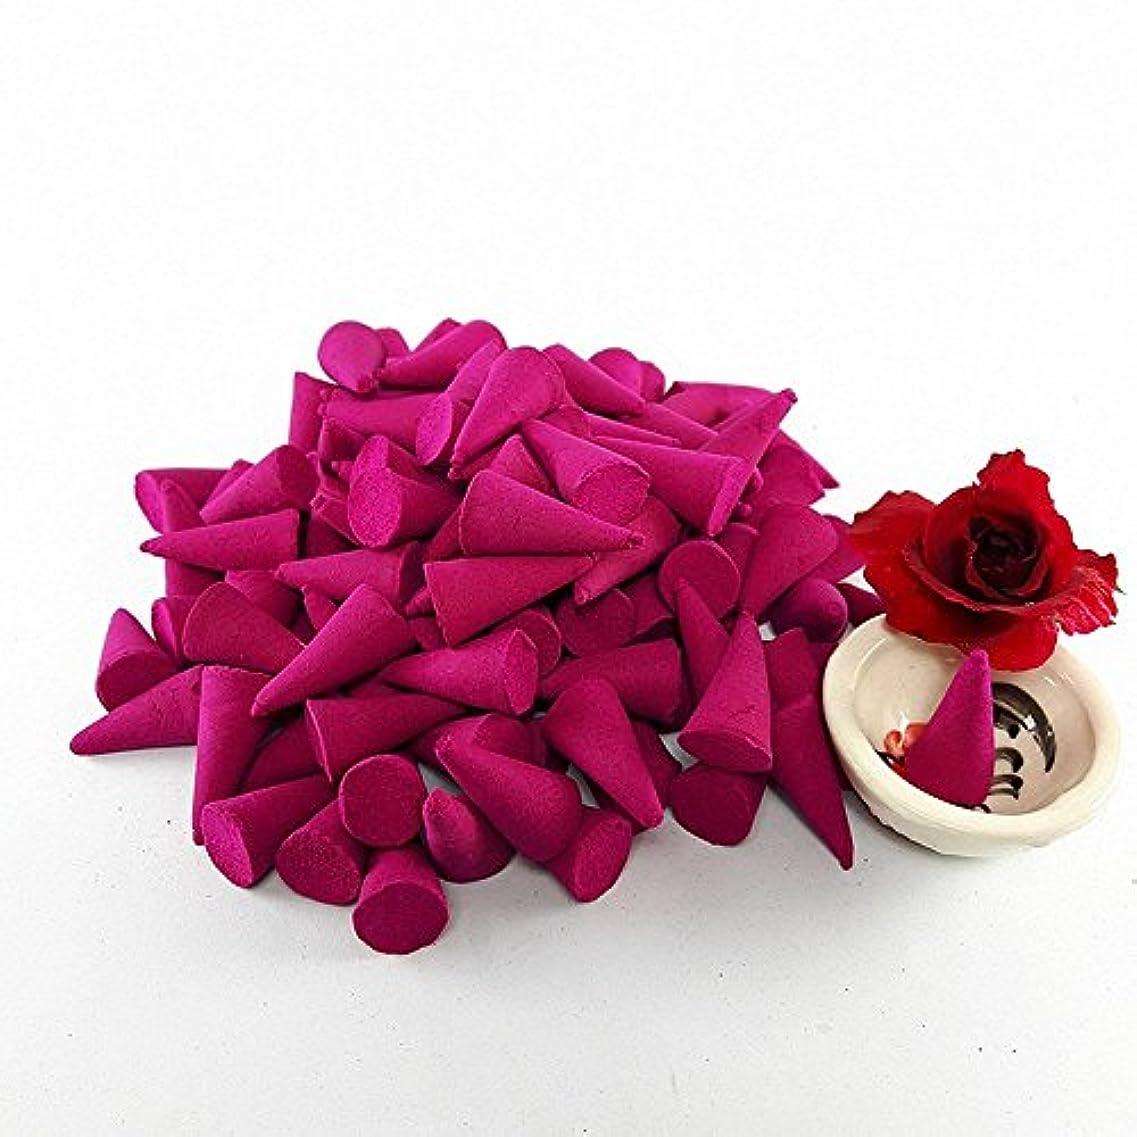 非効率的なぴったり適切に家庭用線香 Incense Cones Mixed Variety of Fragrance Relax Aromatherapy Spa (Pack of 100 Cones) With Burner Holder Thai...